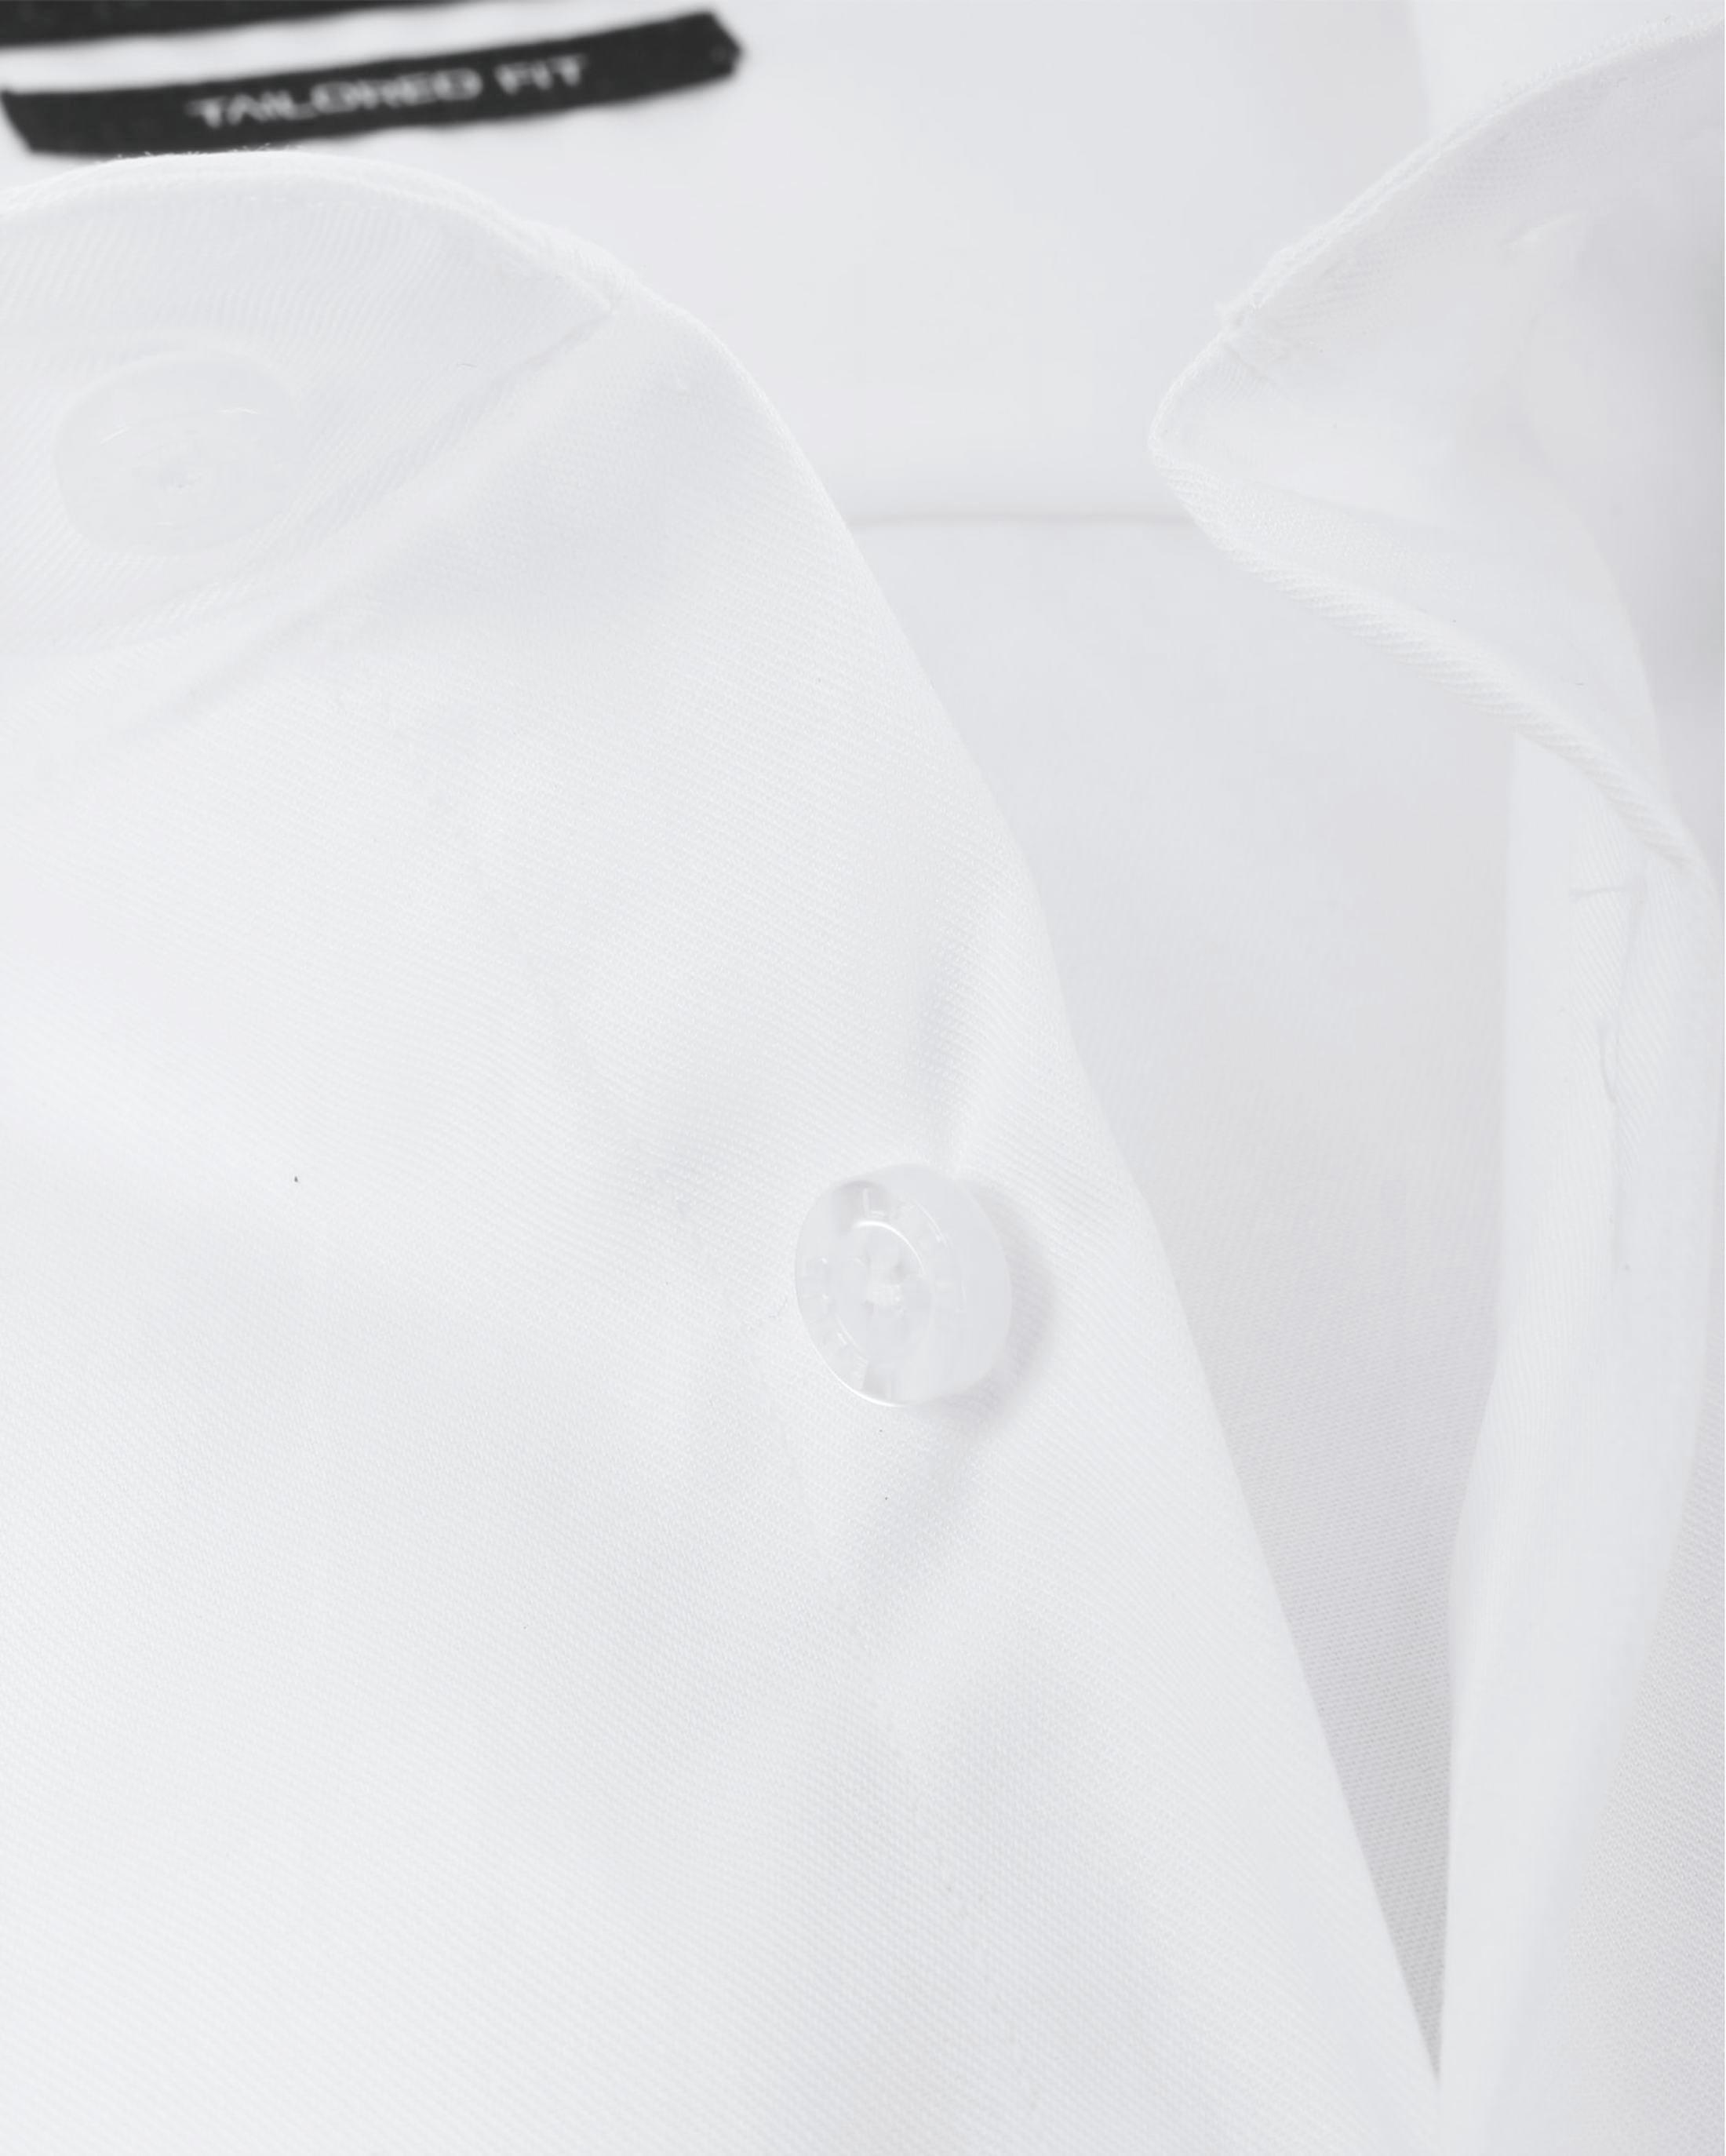 Ledub Strijkvrij Overhemd Wit